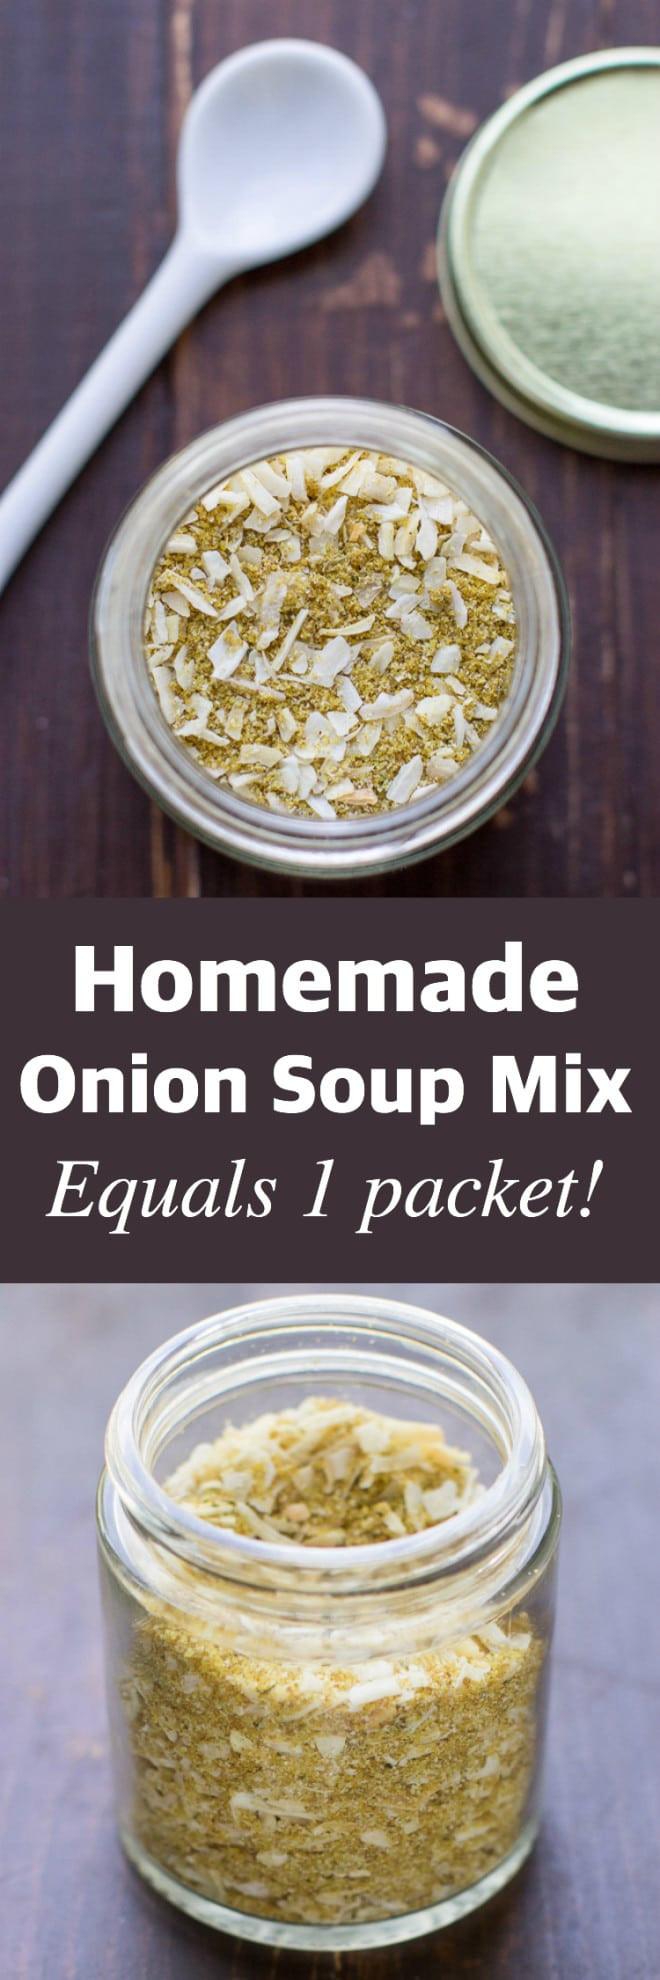 Onion Soup Mix Recipe  Homemade ion Soup Mix